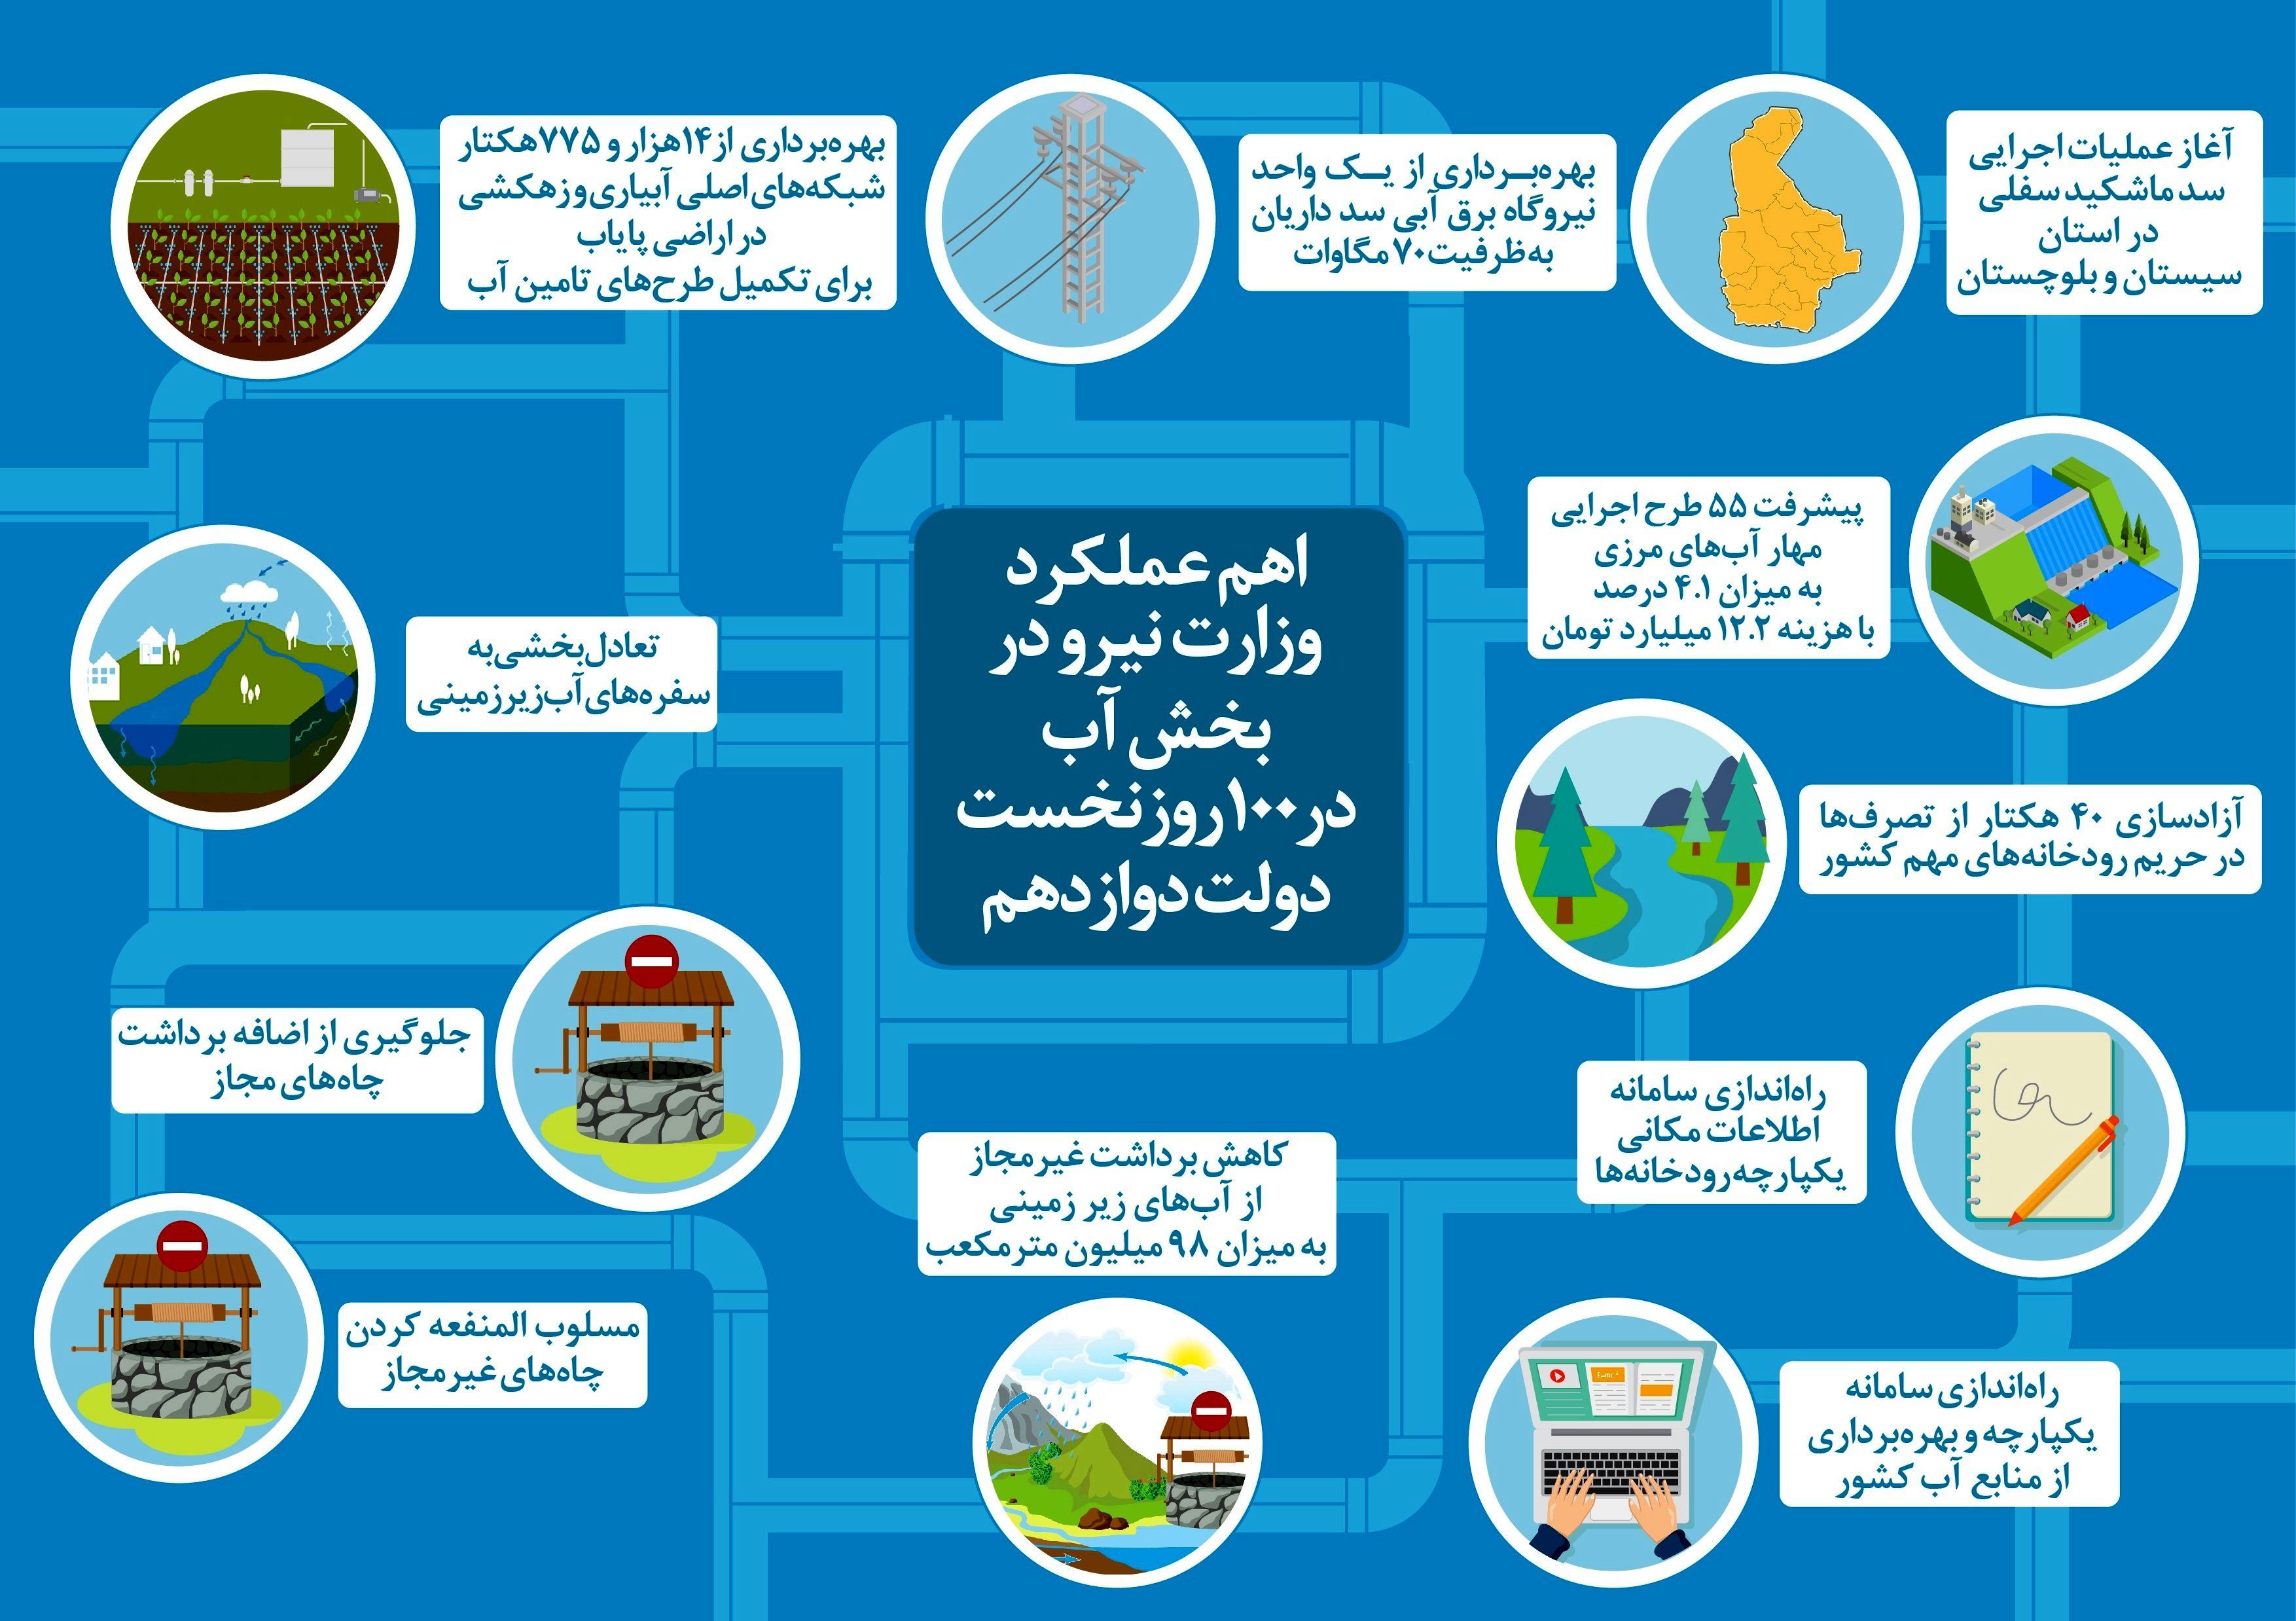 عملکرد وزارت نیرو در مدیریت منابع آب +اینفوگرافیک